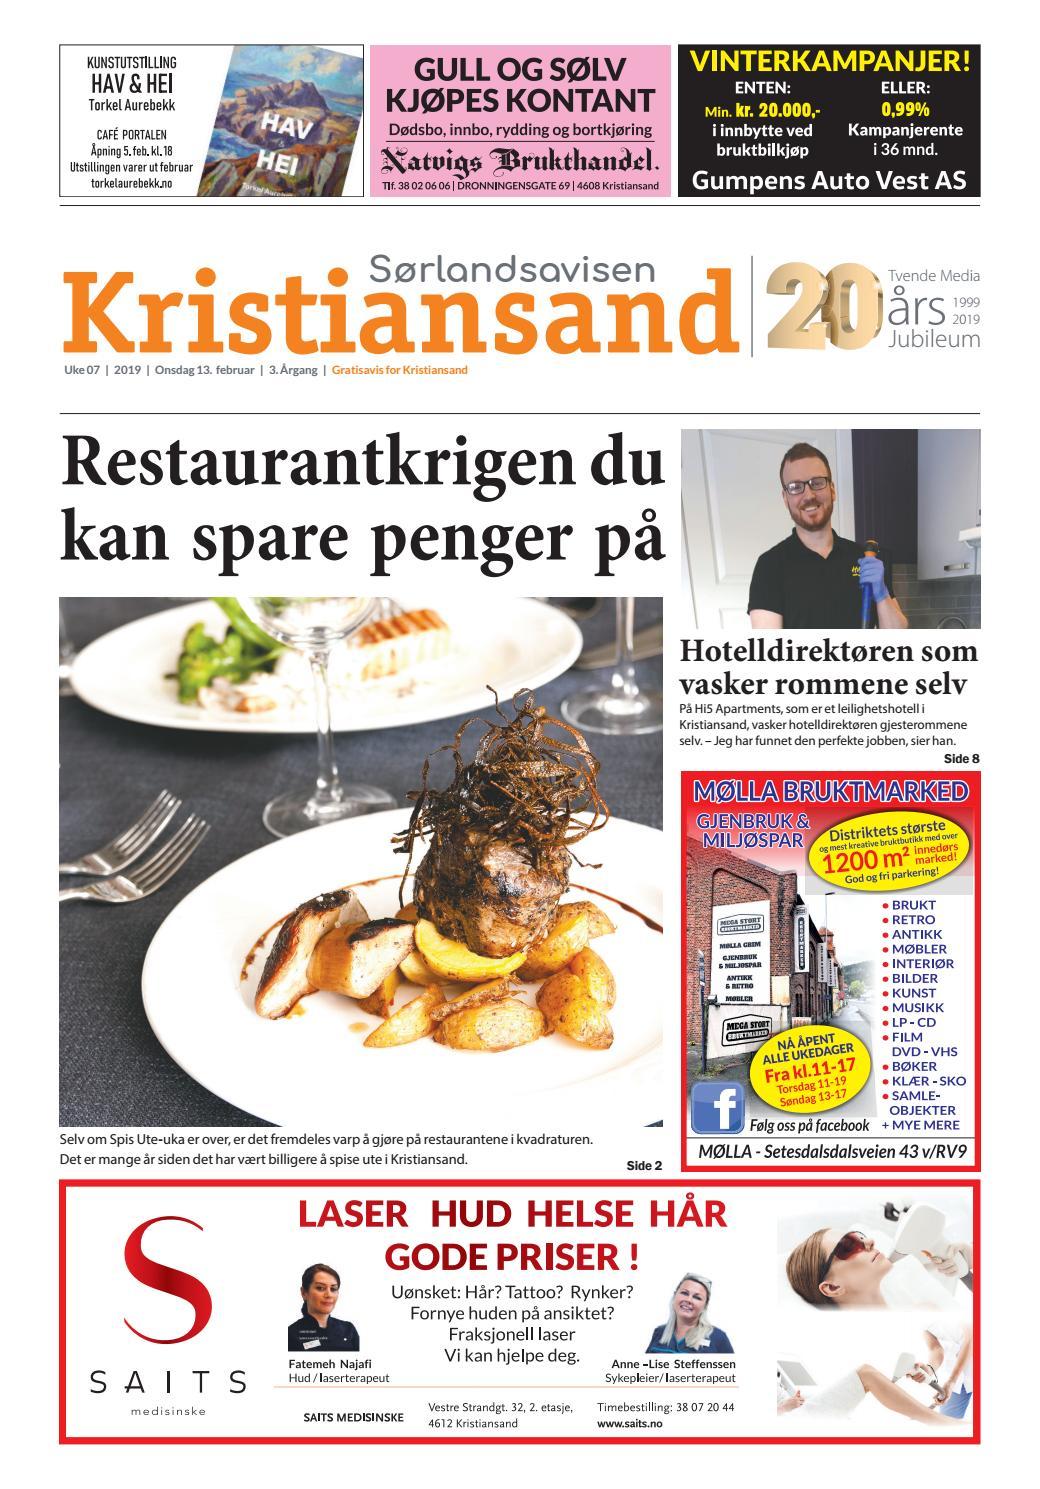 758754ce Sørlandsavisen Kristiansand - Uke 7 by Tvende Media AS - issuu